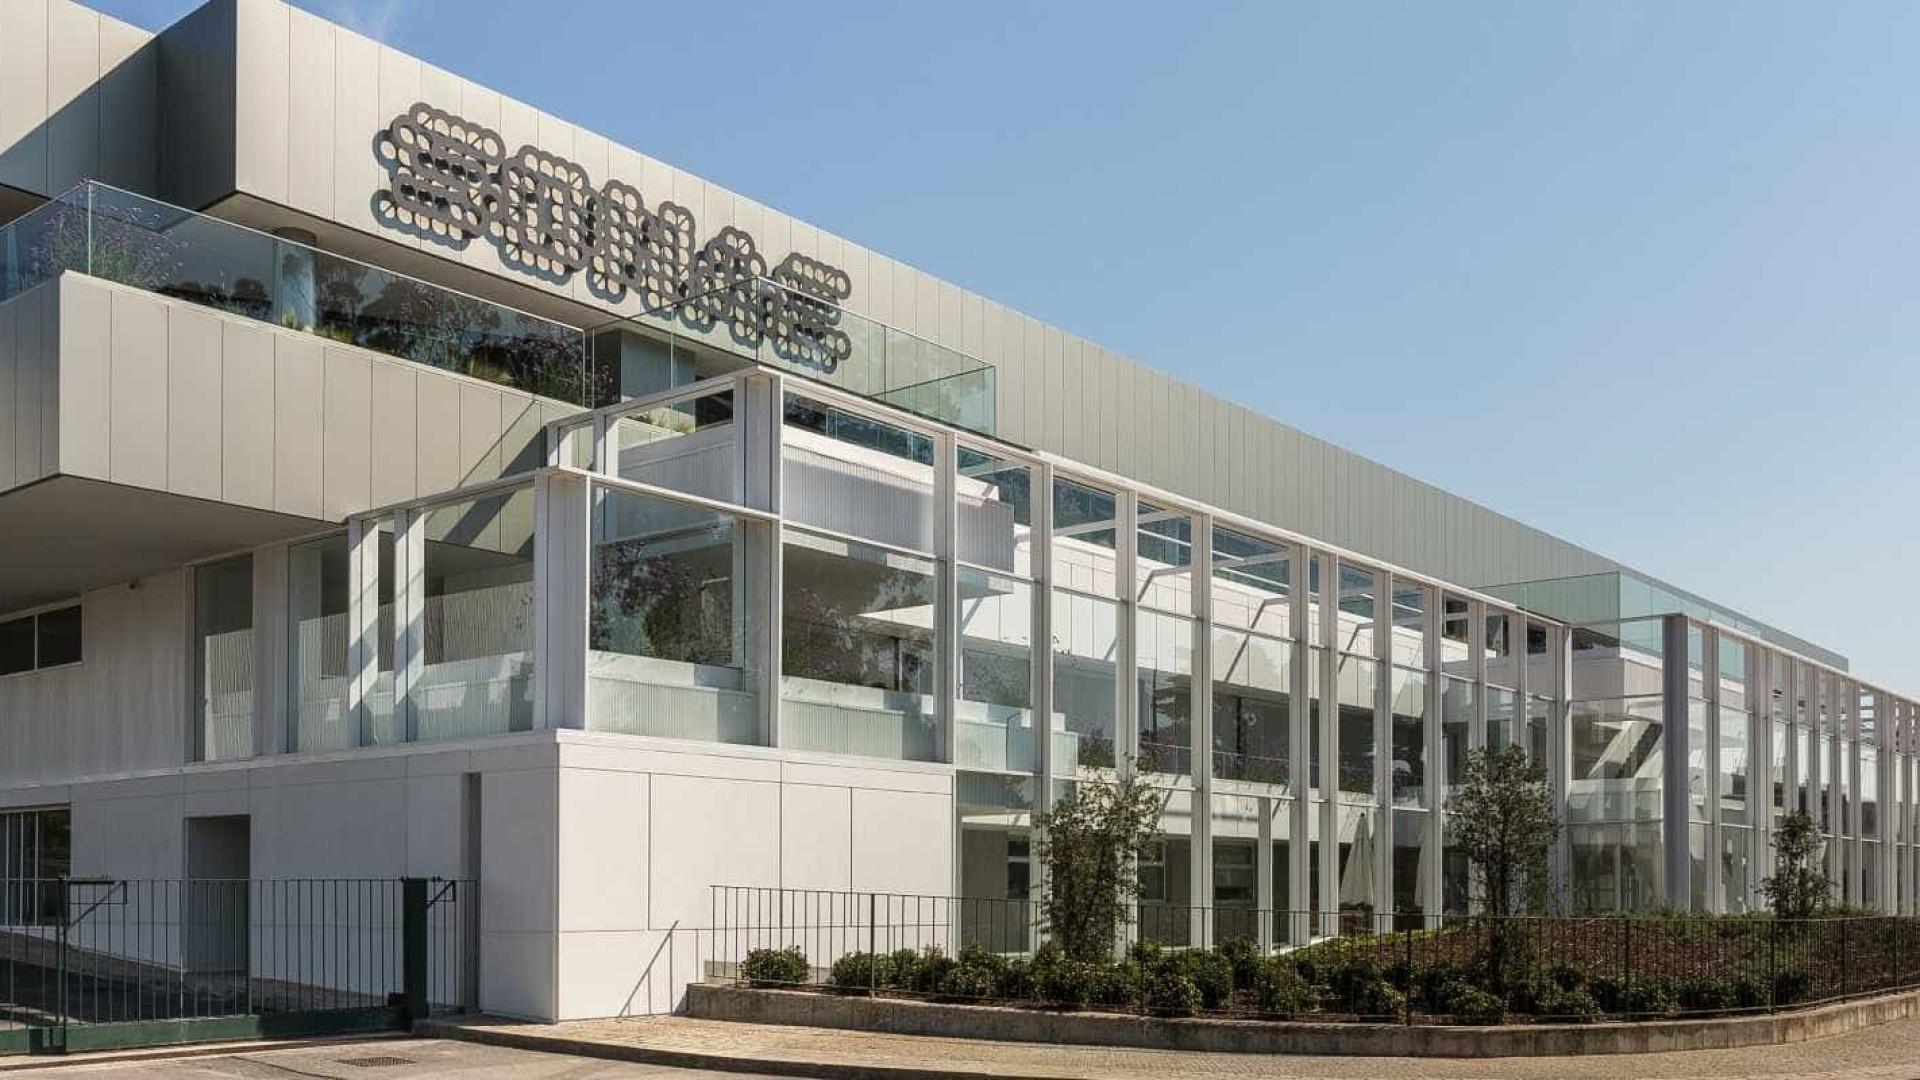 Lucro da Sonae Sierra cai 8% no 1.º semestre para quase 59 milhões